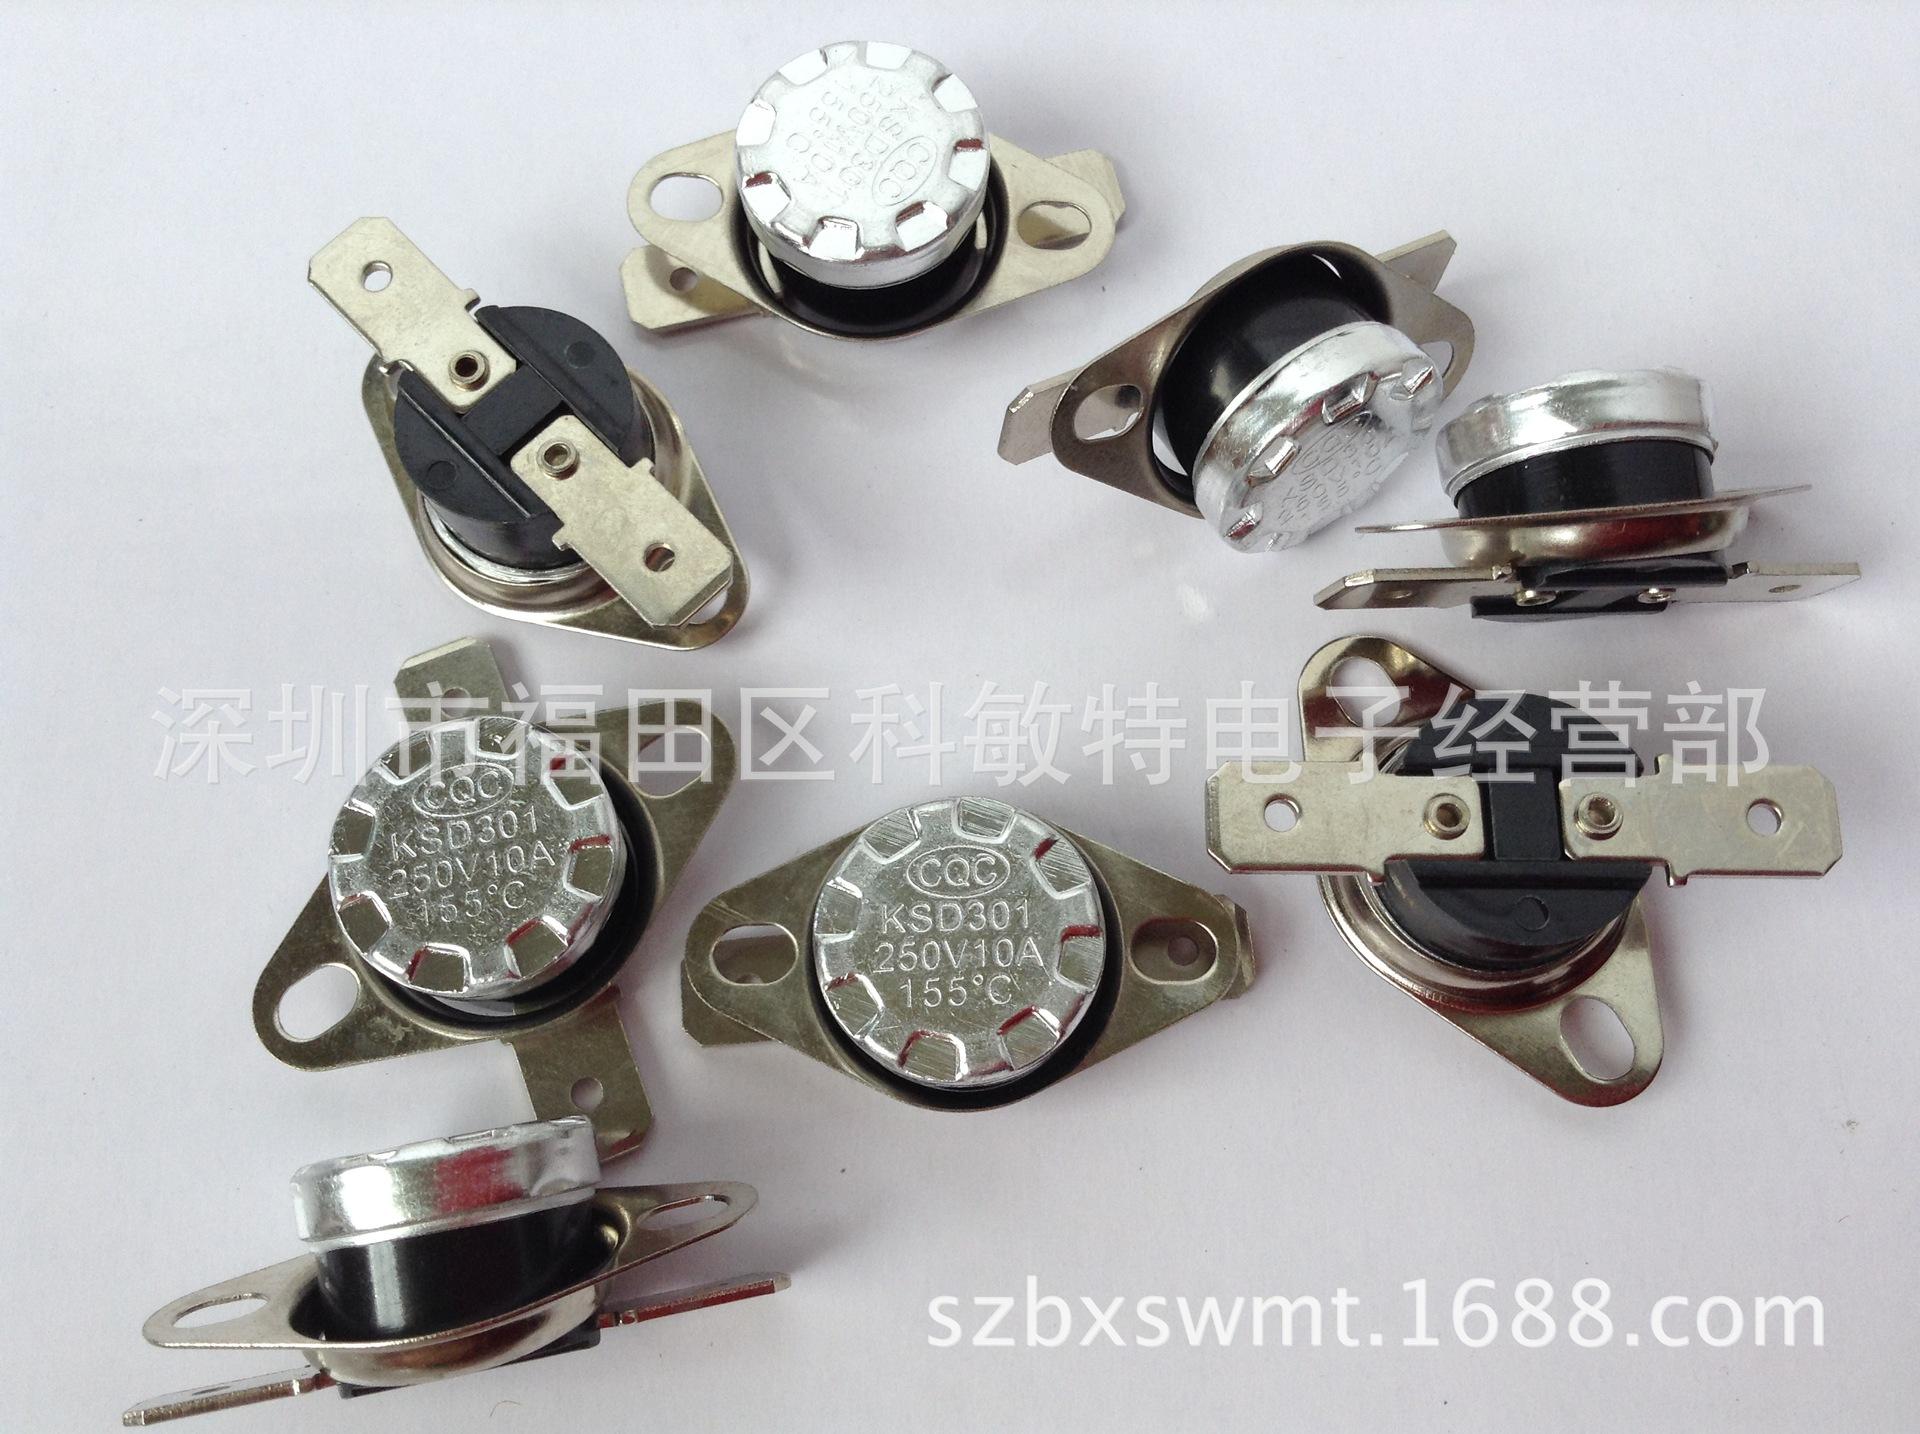 KSD301 NC 15度 10A250V 常闭型温控开关 突跳式开关图片